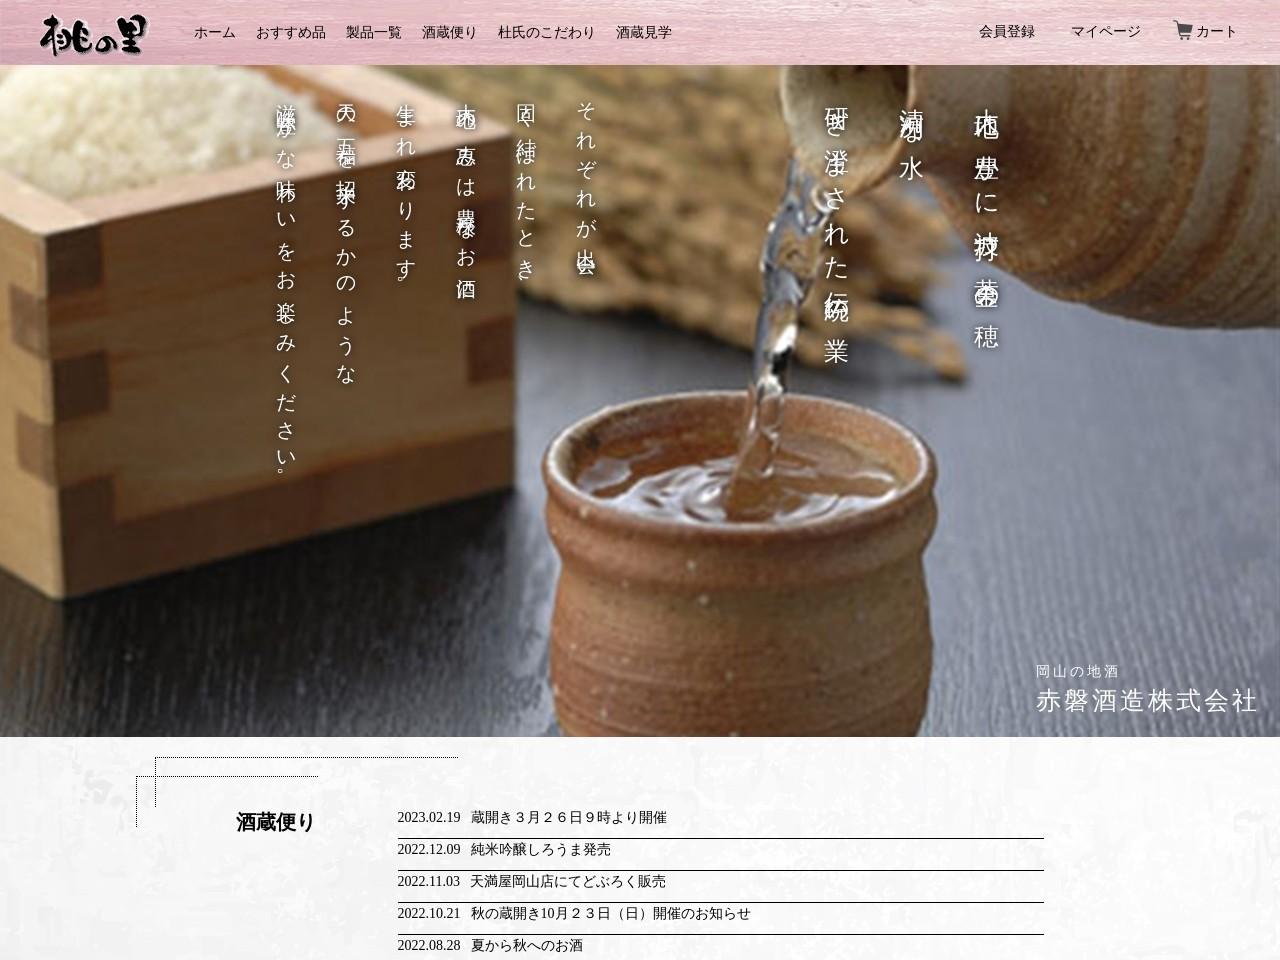 岡山の地酒「桃の里」 赤磐酒造株式会社